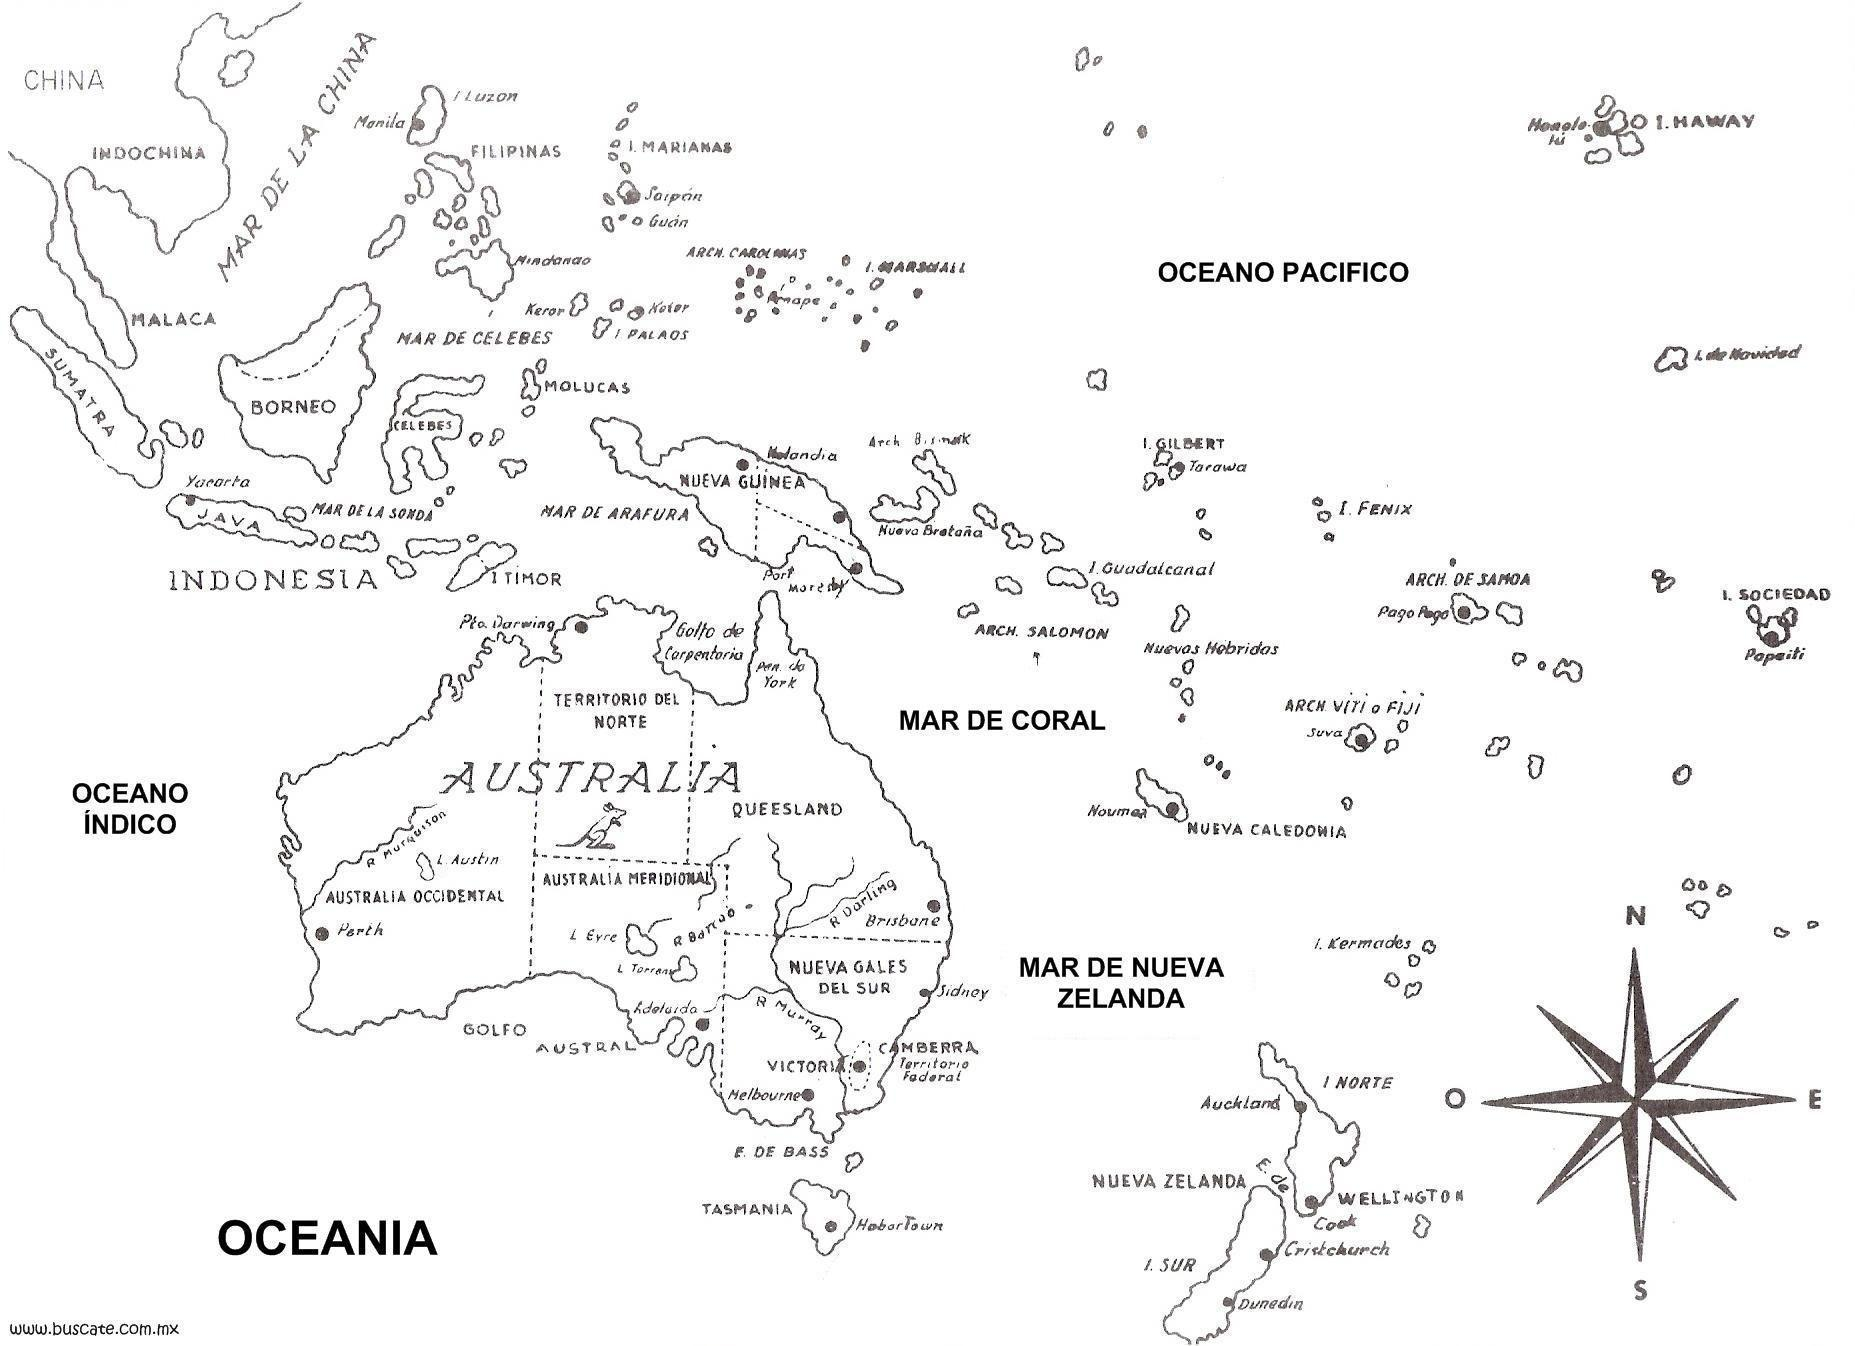 mapa continente asiatico - Gidiye.redformapolitica.co